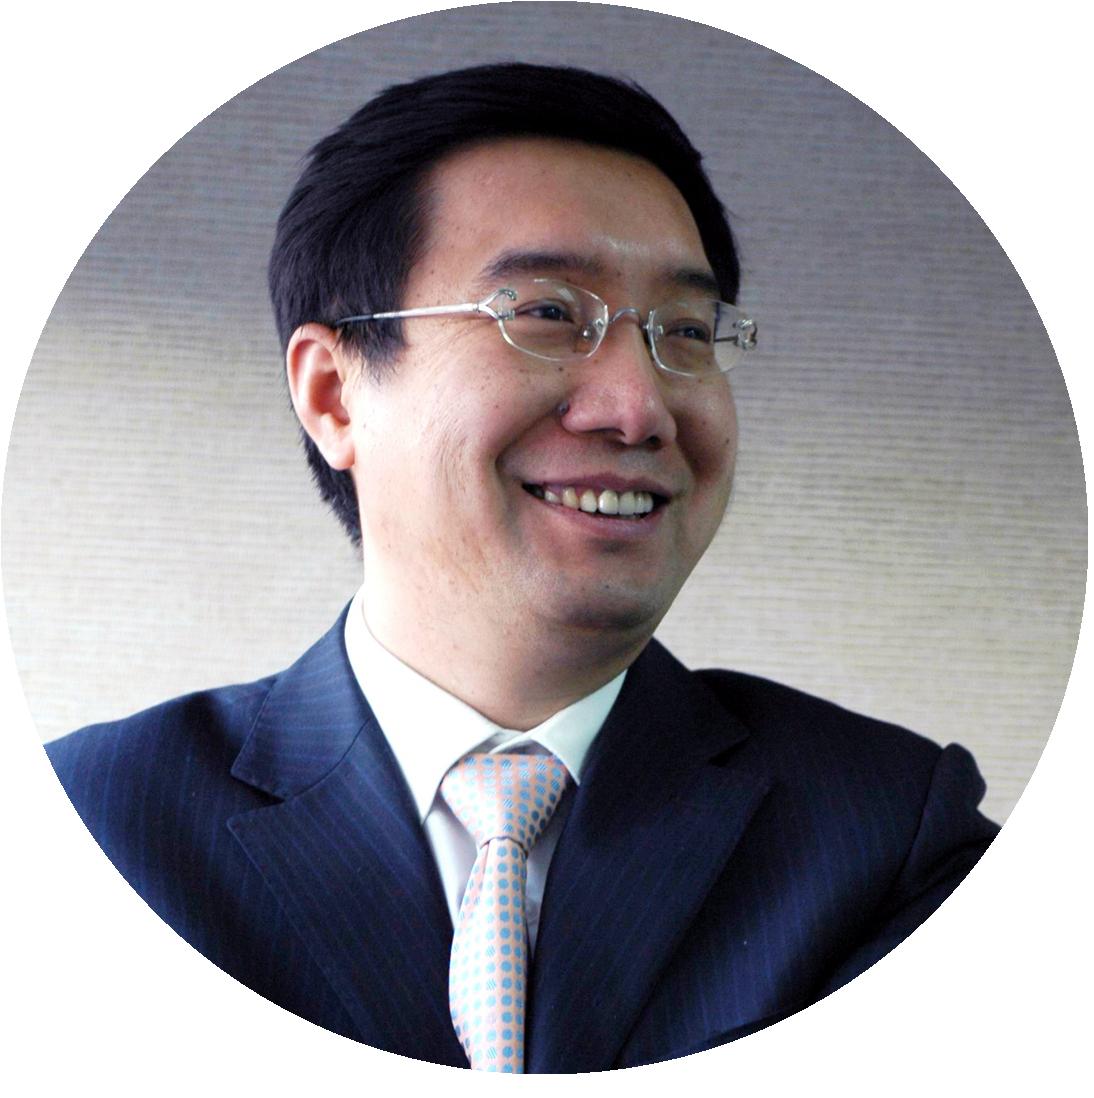 北大纵横管理咨询集团创始人王璞照片